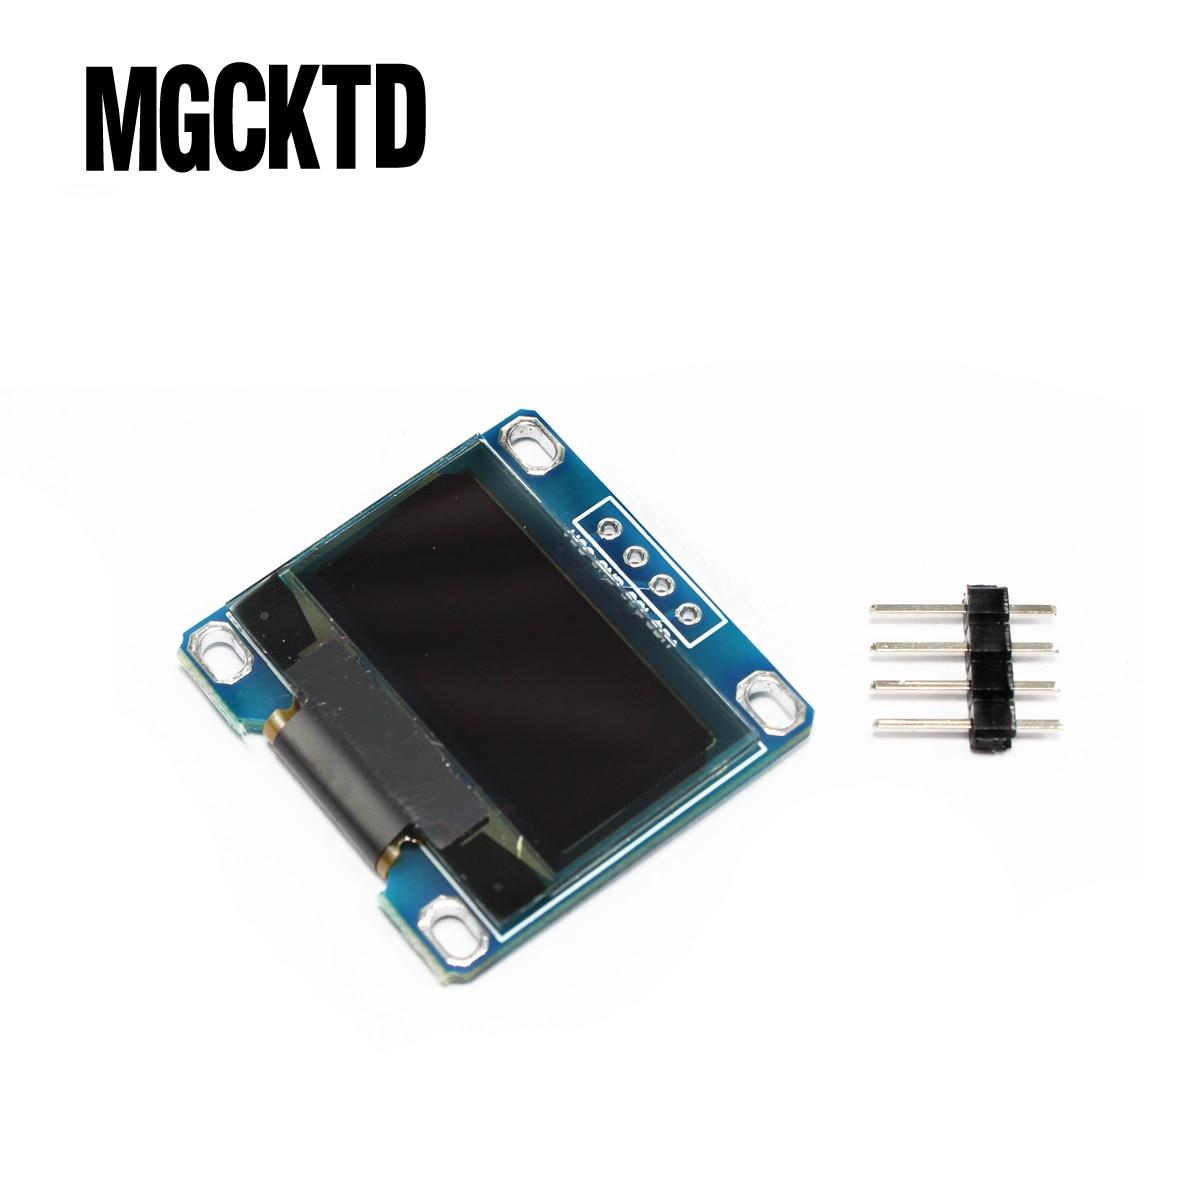 4pin 0.96white 0.96 inch OLED module New 128X64 OLED LCD LED Display Module For Arduino 0.96  IIC I2C Communicate